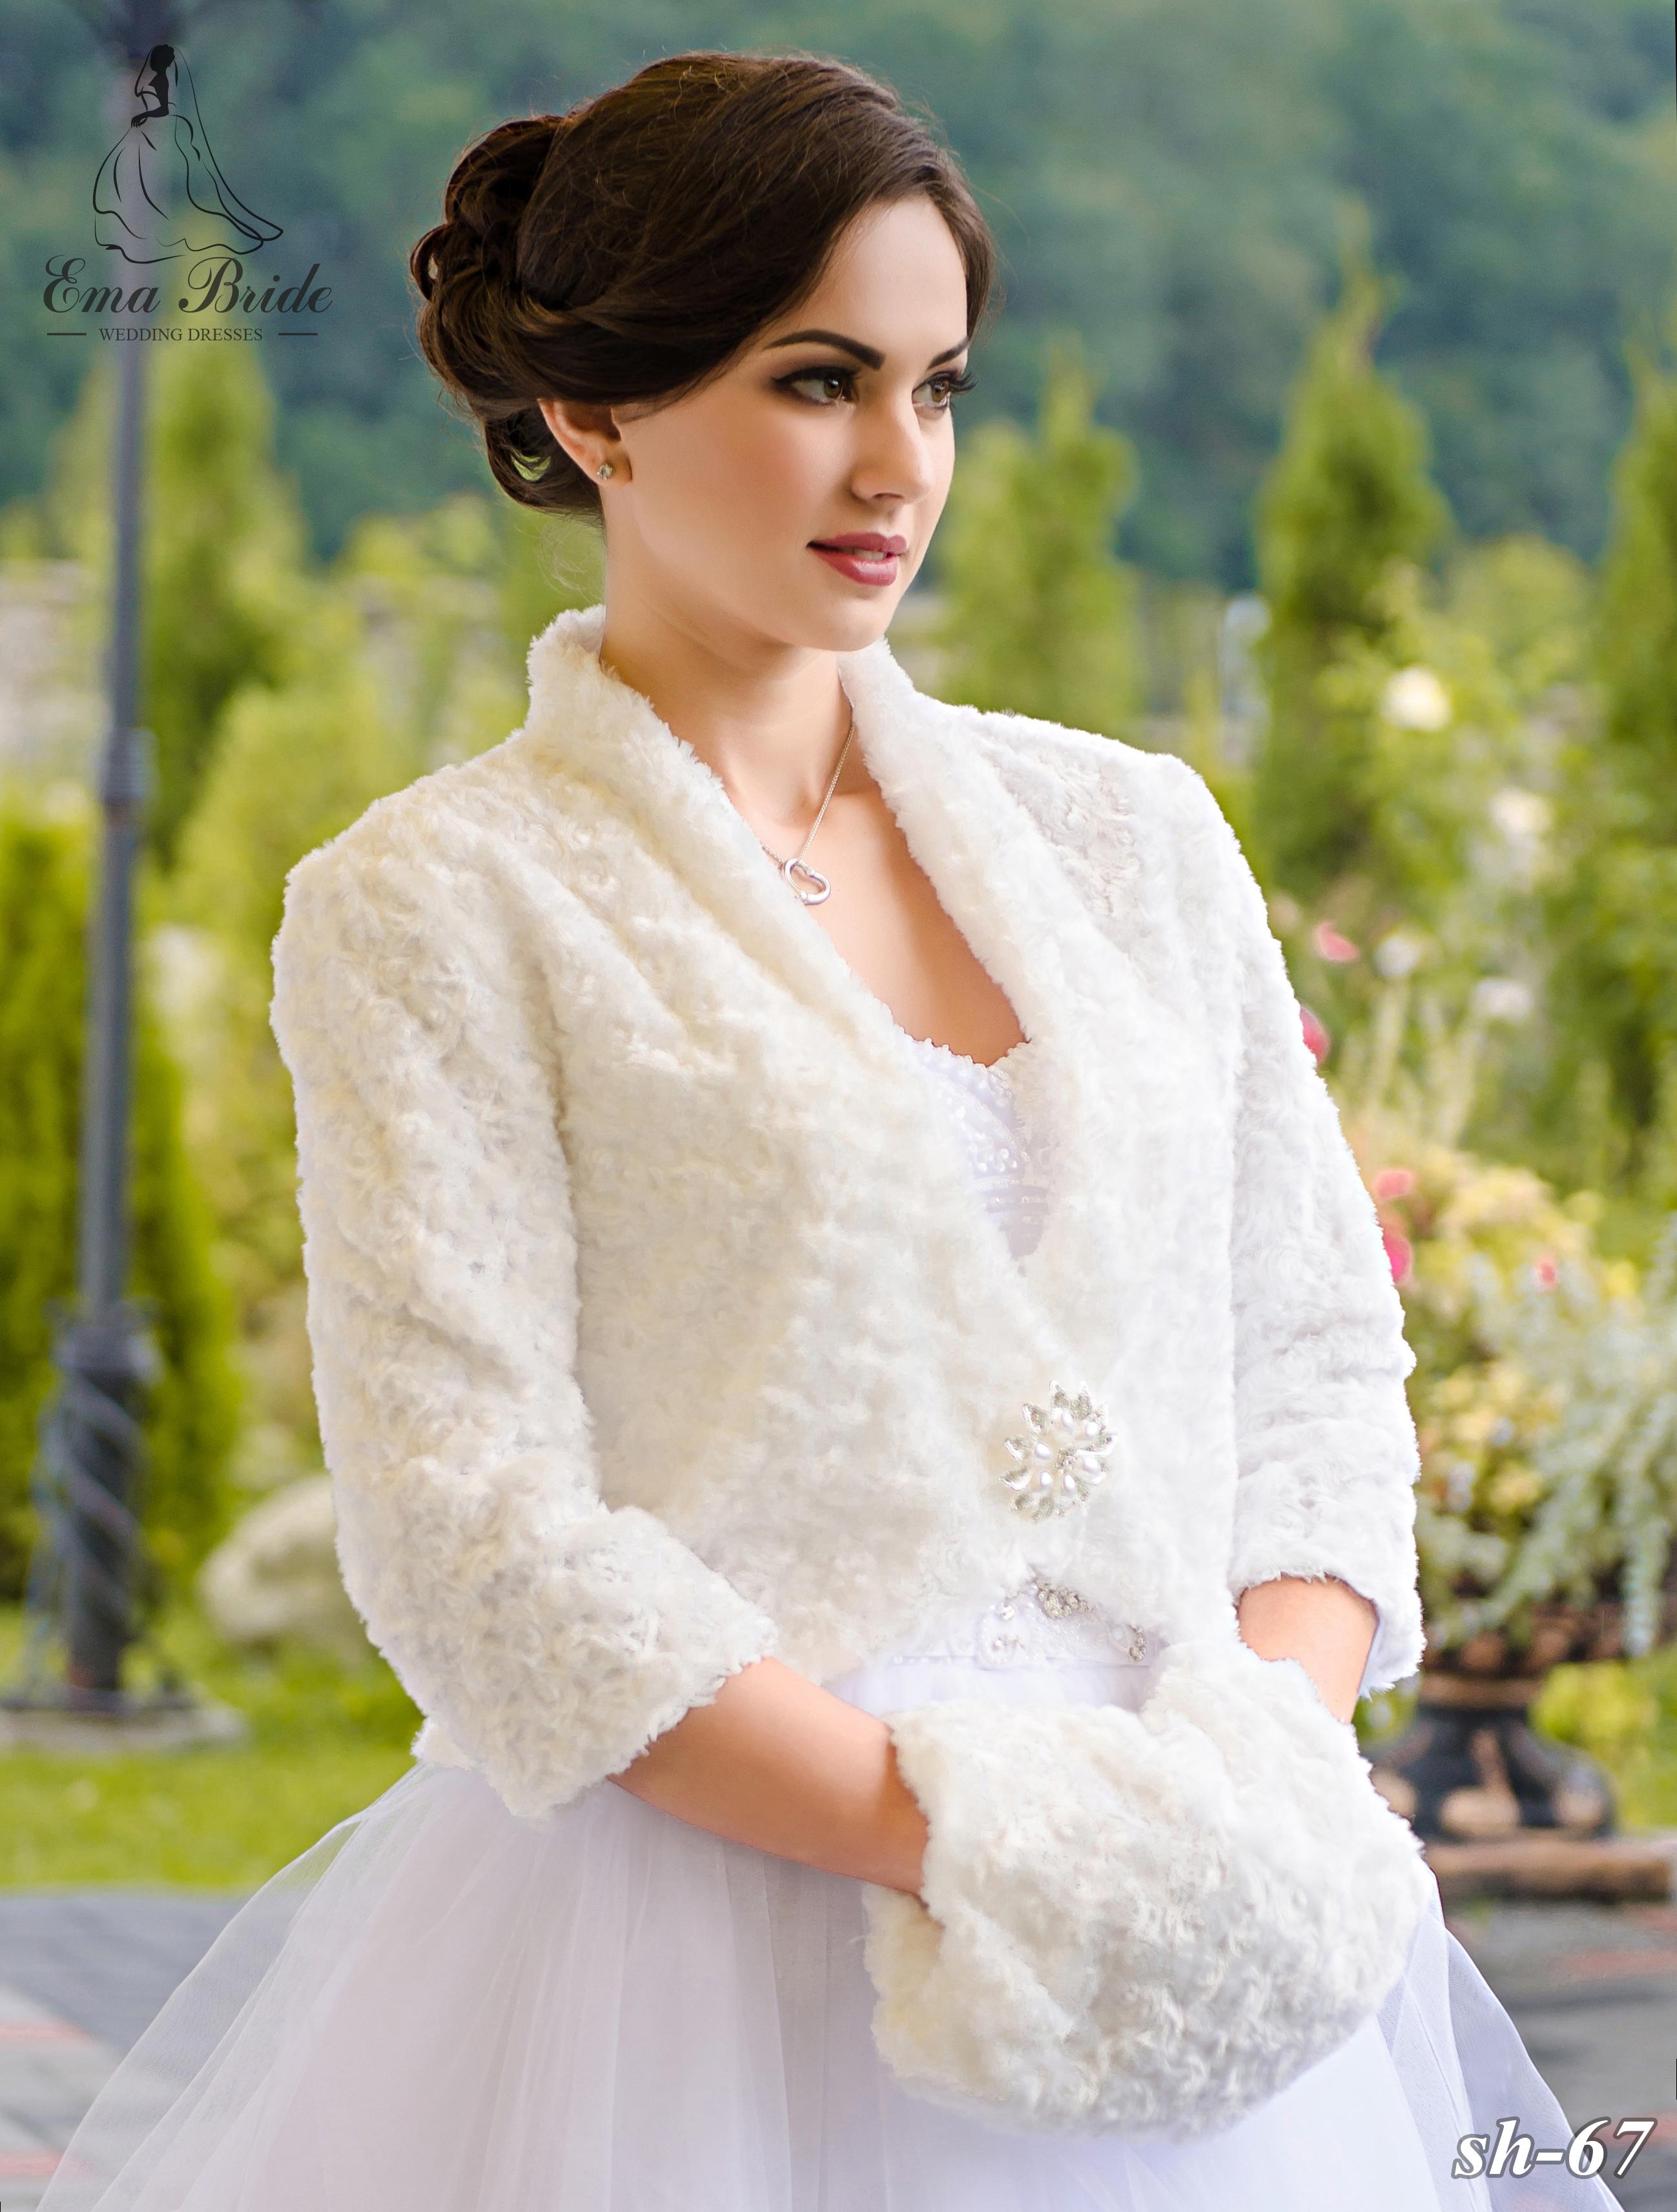 Wedding fur coat SH-67